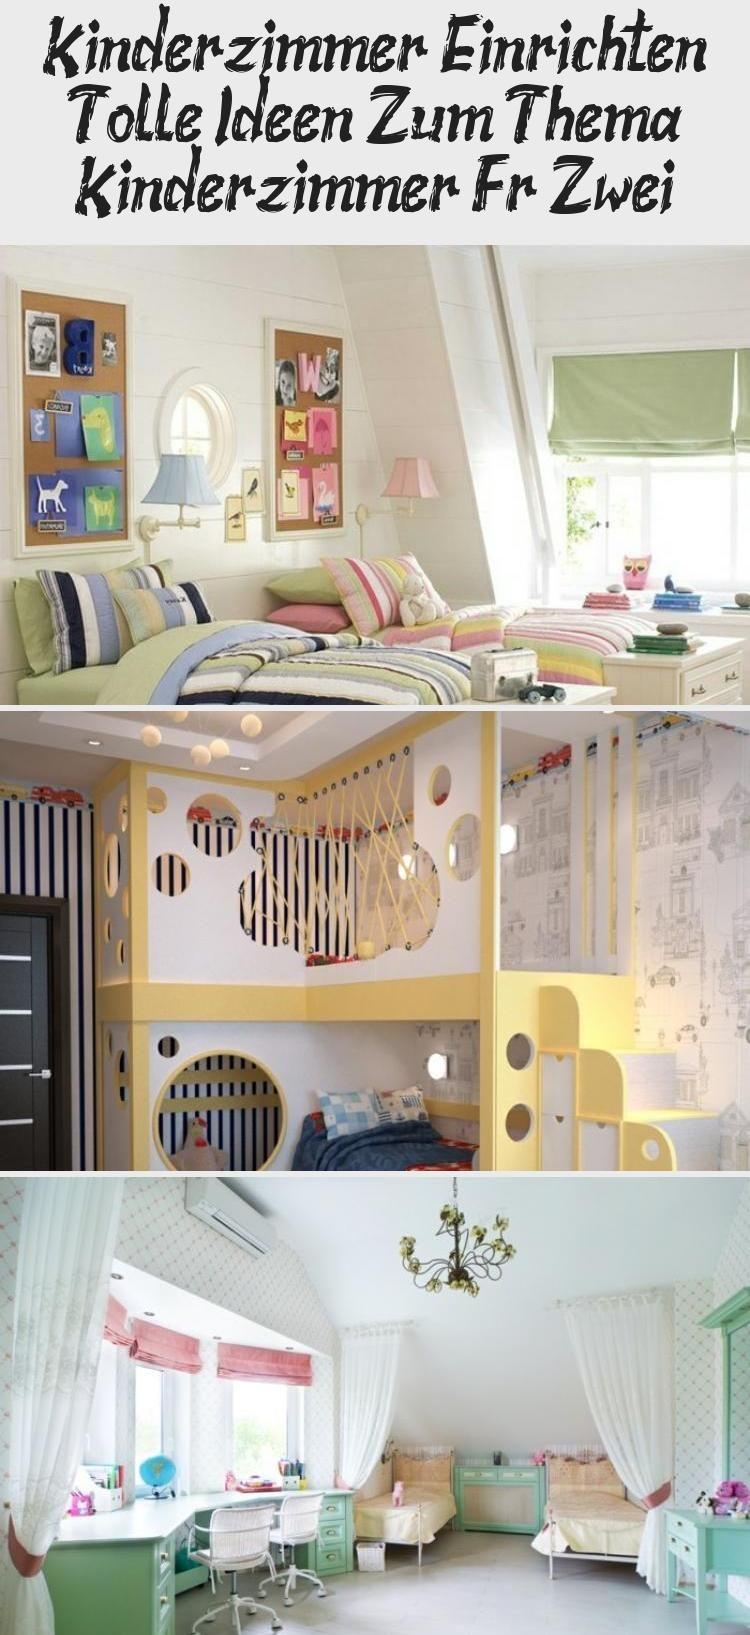 17 Kinderzimmer fur zwei